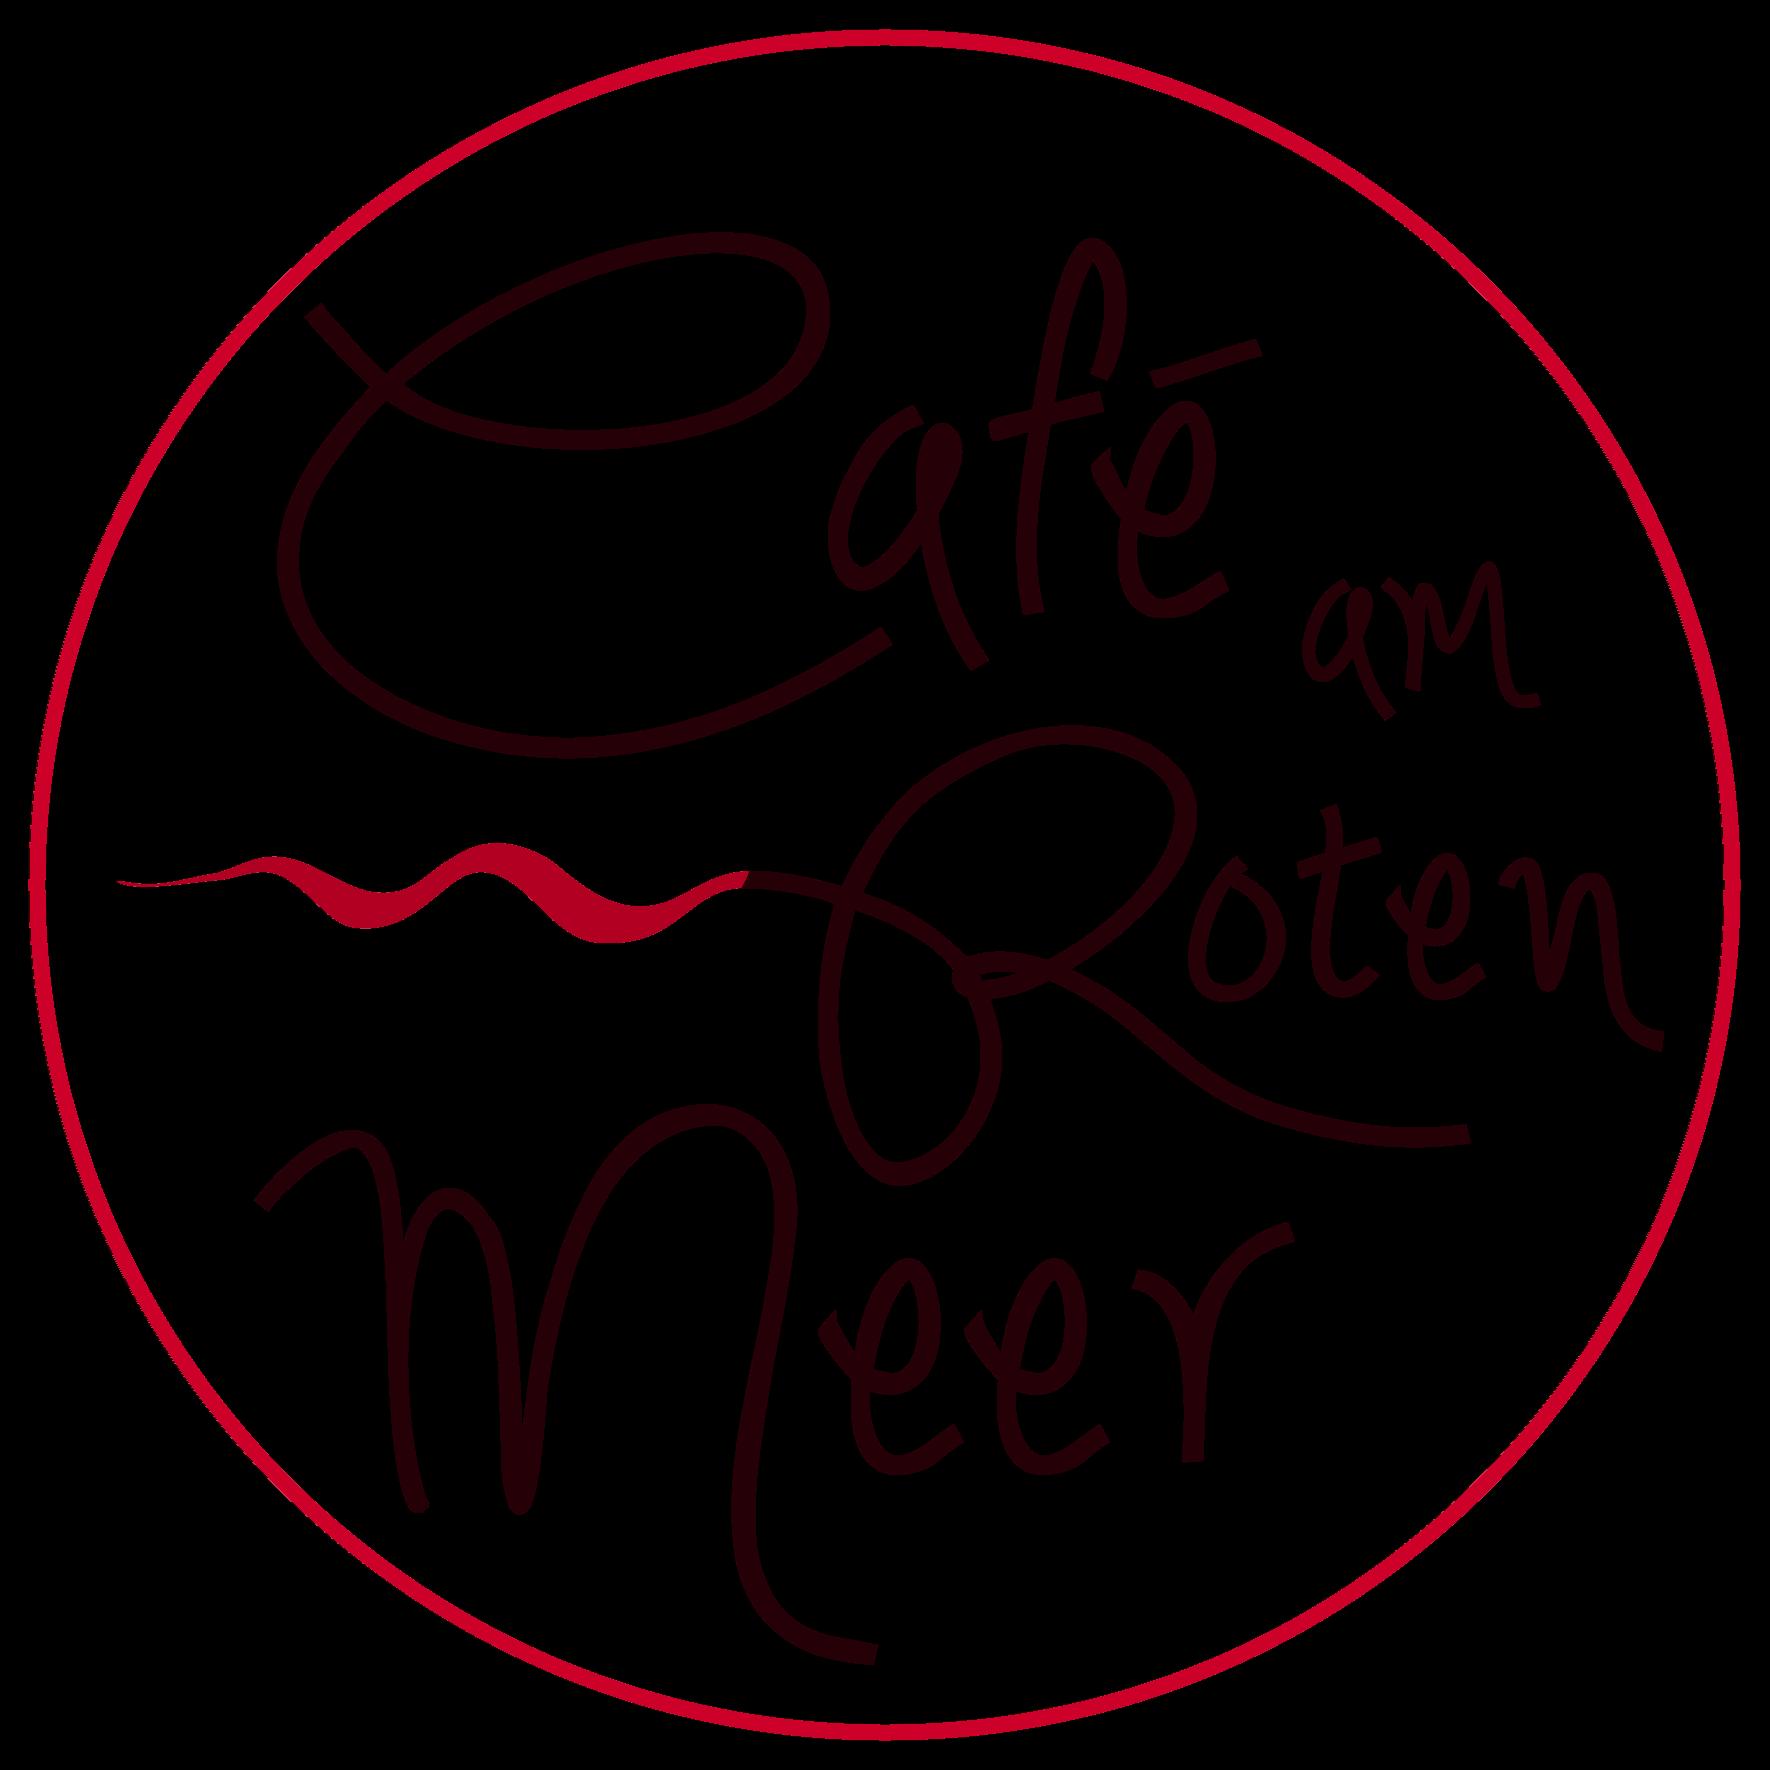 Café am Roten Meer